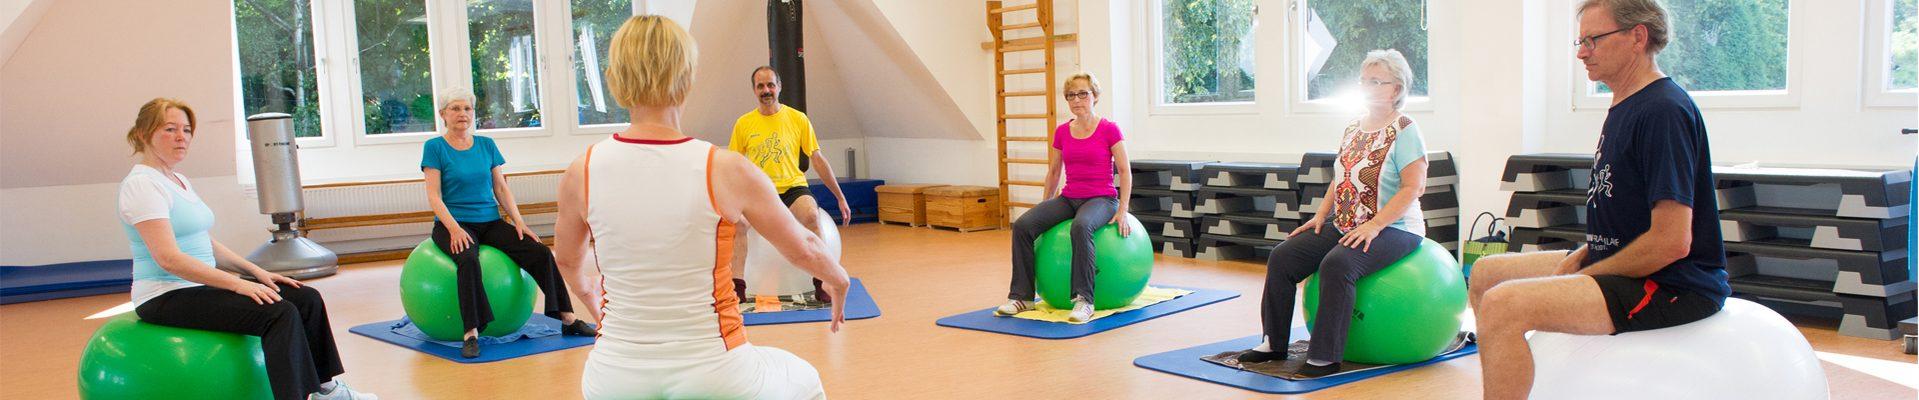 Bewegt GESUND bleiben in NRW! Training mit Pezziball in der Gruppe